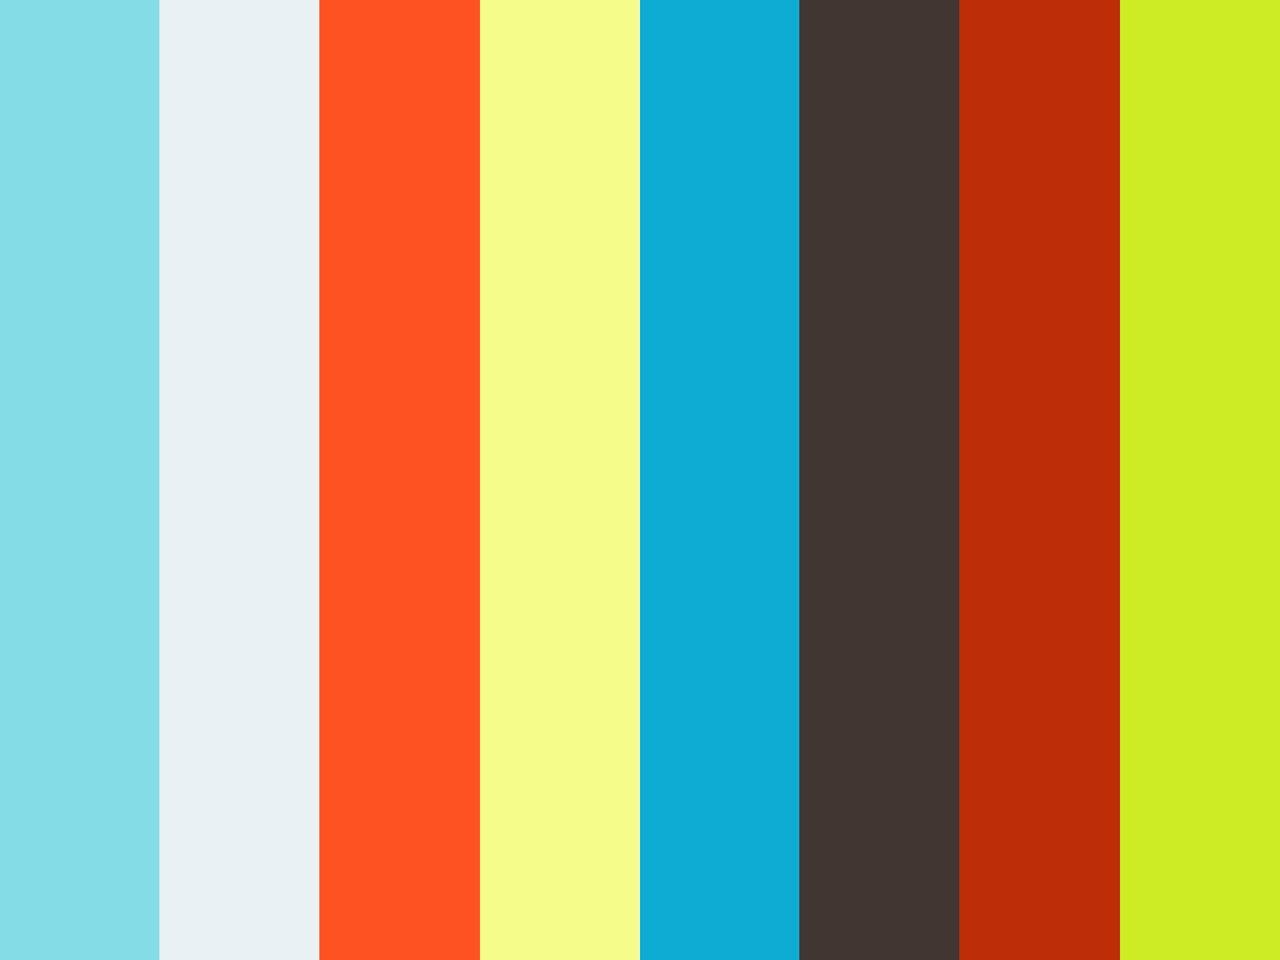 Molokai Covid19 Update - April 3, 2020